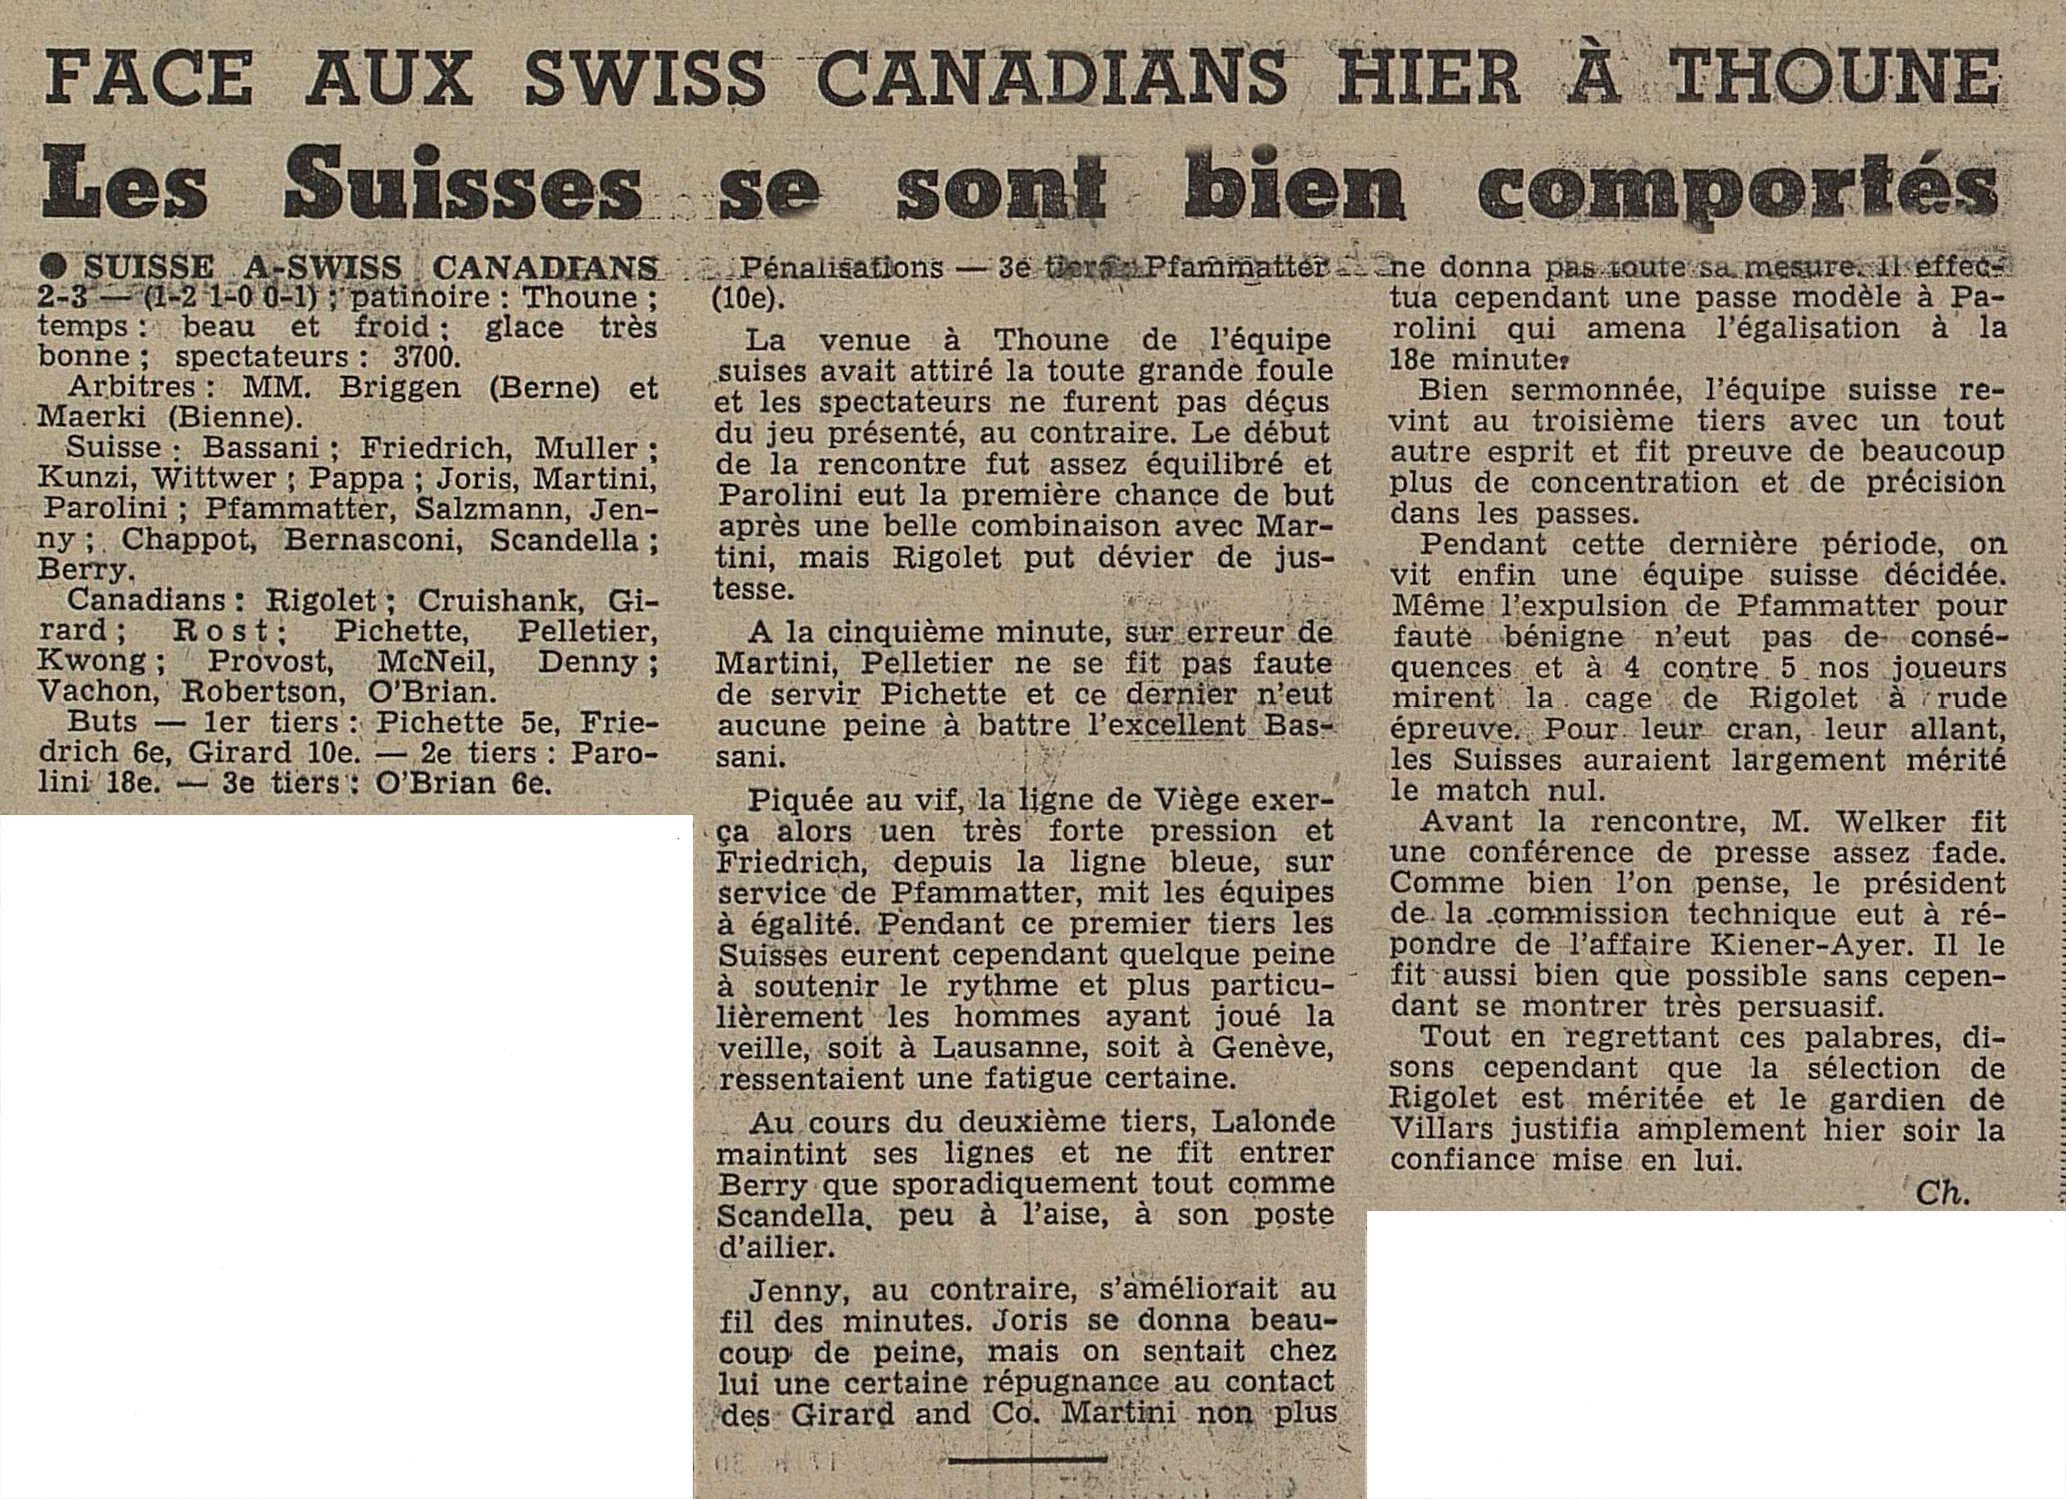 Le Matin - Tribune de Lausanne_19630228_2.jpg